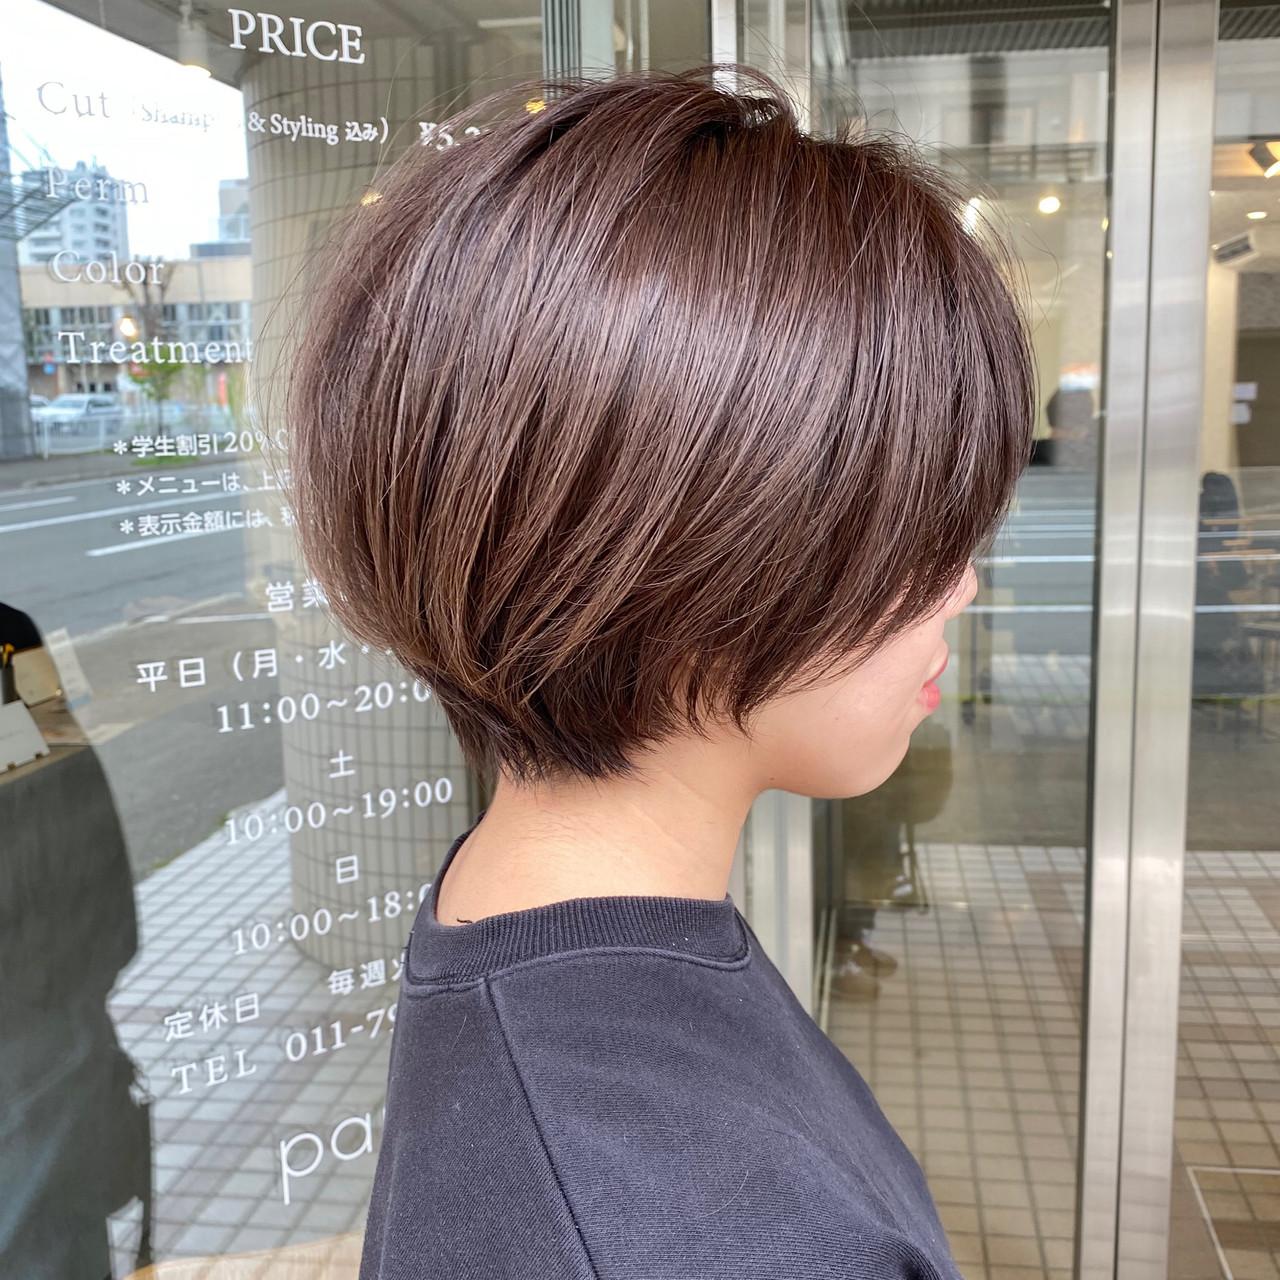 ナチュラル 大人ショート アンニュイ ショートボブ ヘアスタイルや髪型の写真・画像 | 【ショート&ショートボブはお任せください】淺川聖 / parc sapporo